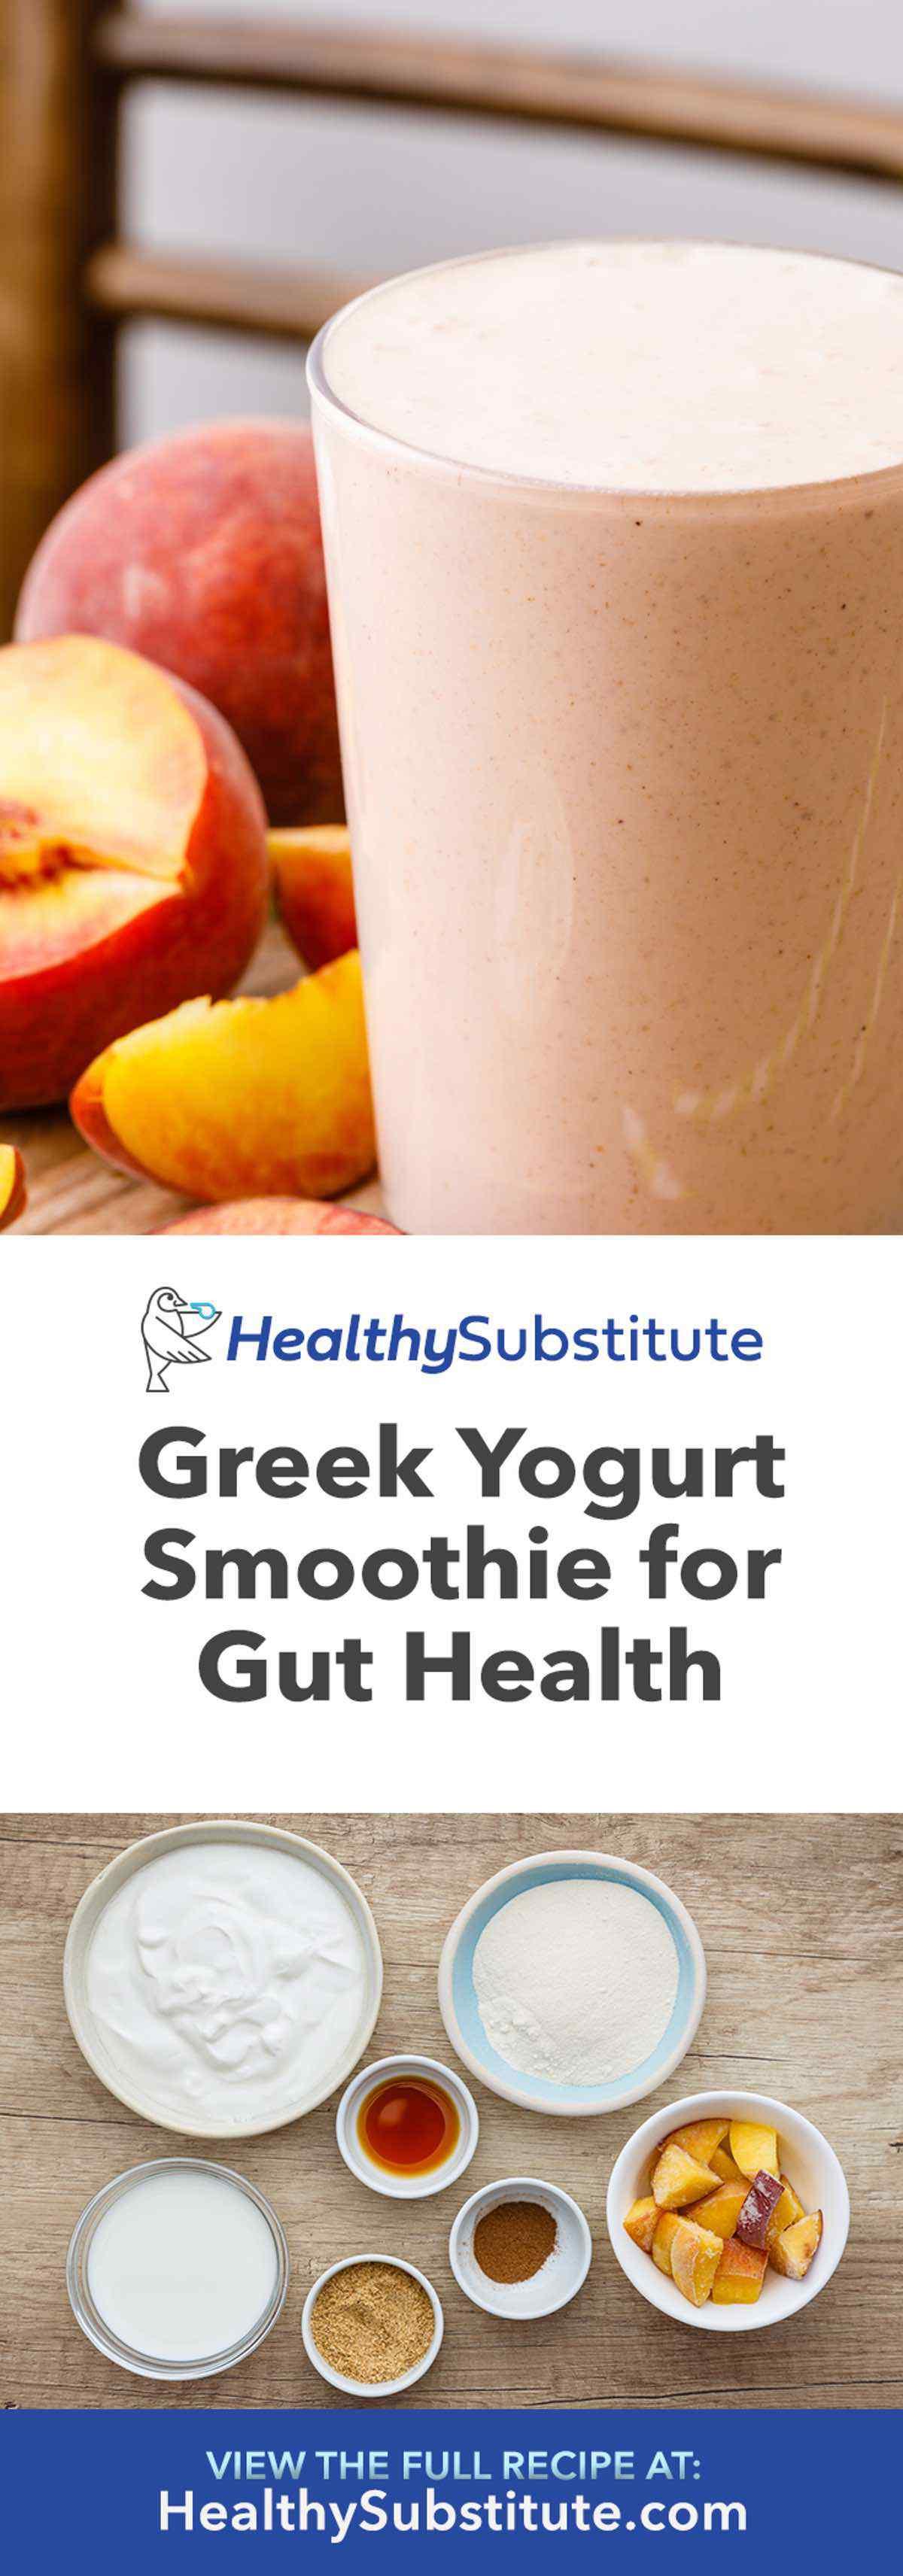 High Protein Greek Yogurt Smoothie